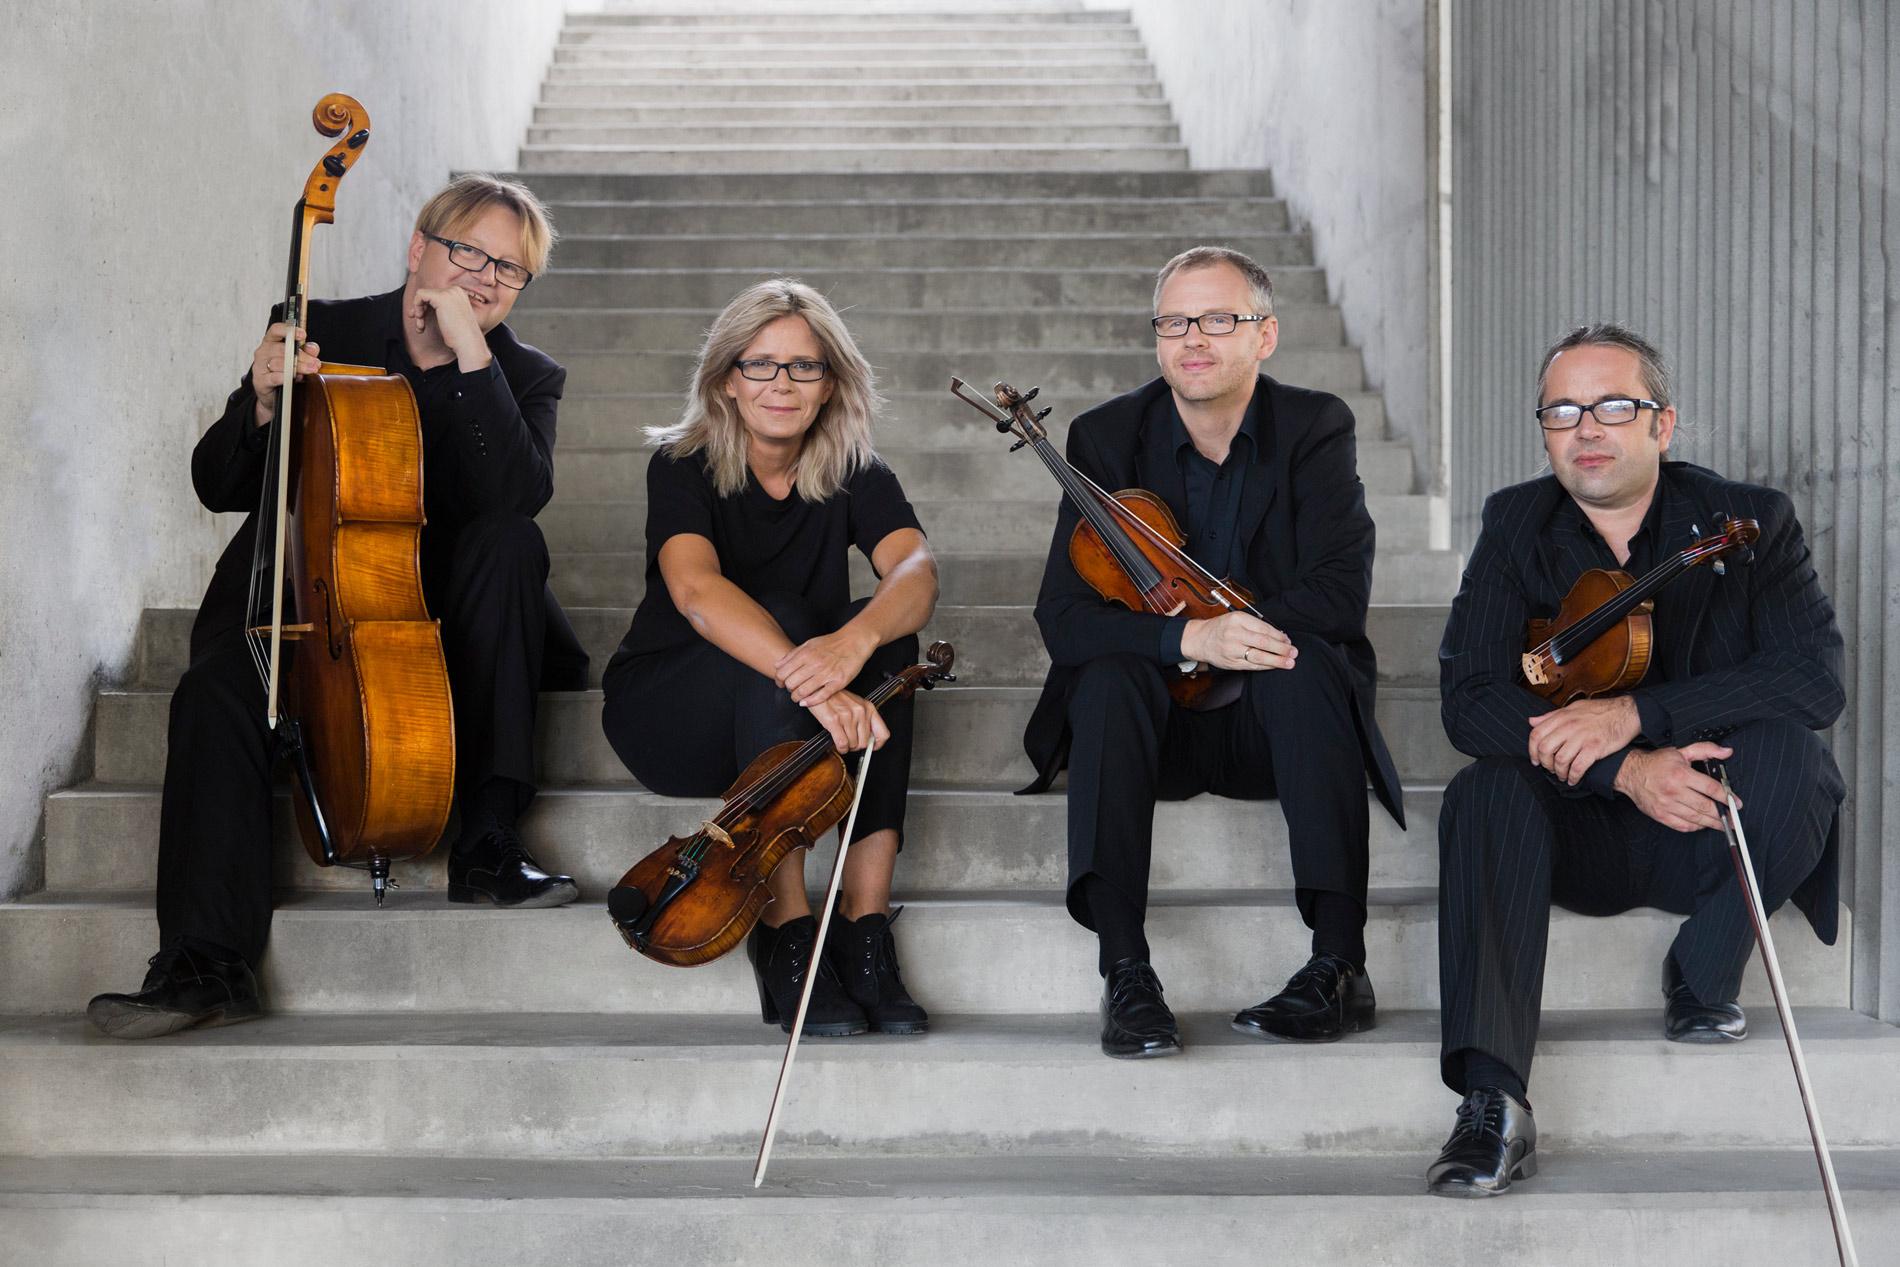 Altra Volta string quartet Jacek Dzwonowski Leszek Sojka Aleksandra Marko-Lech Michael Lech